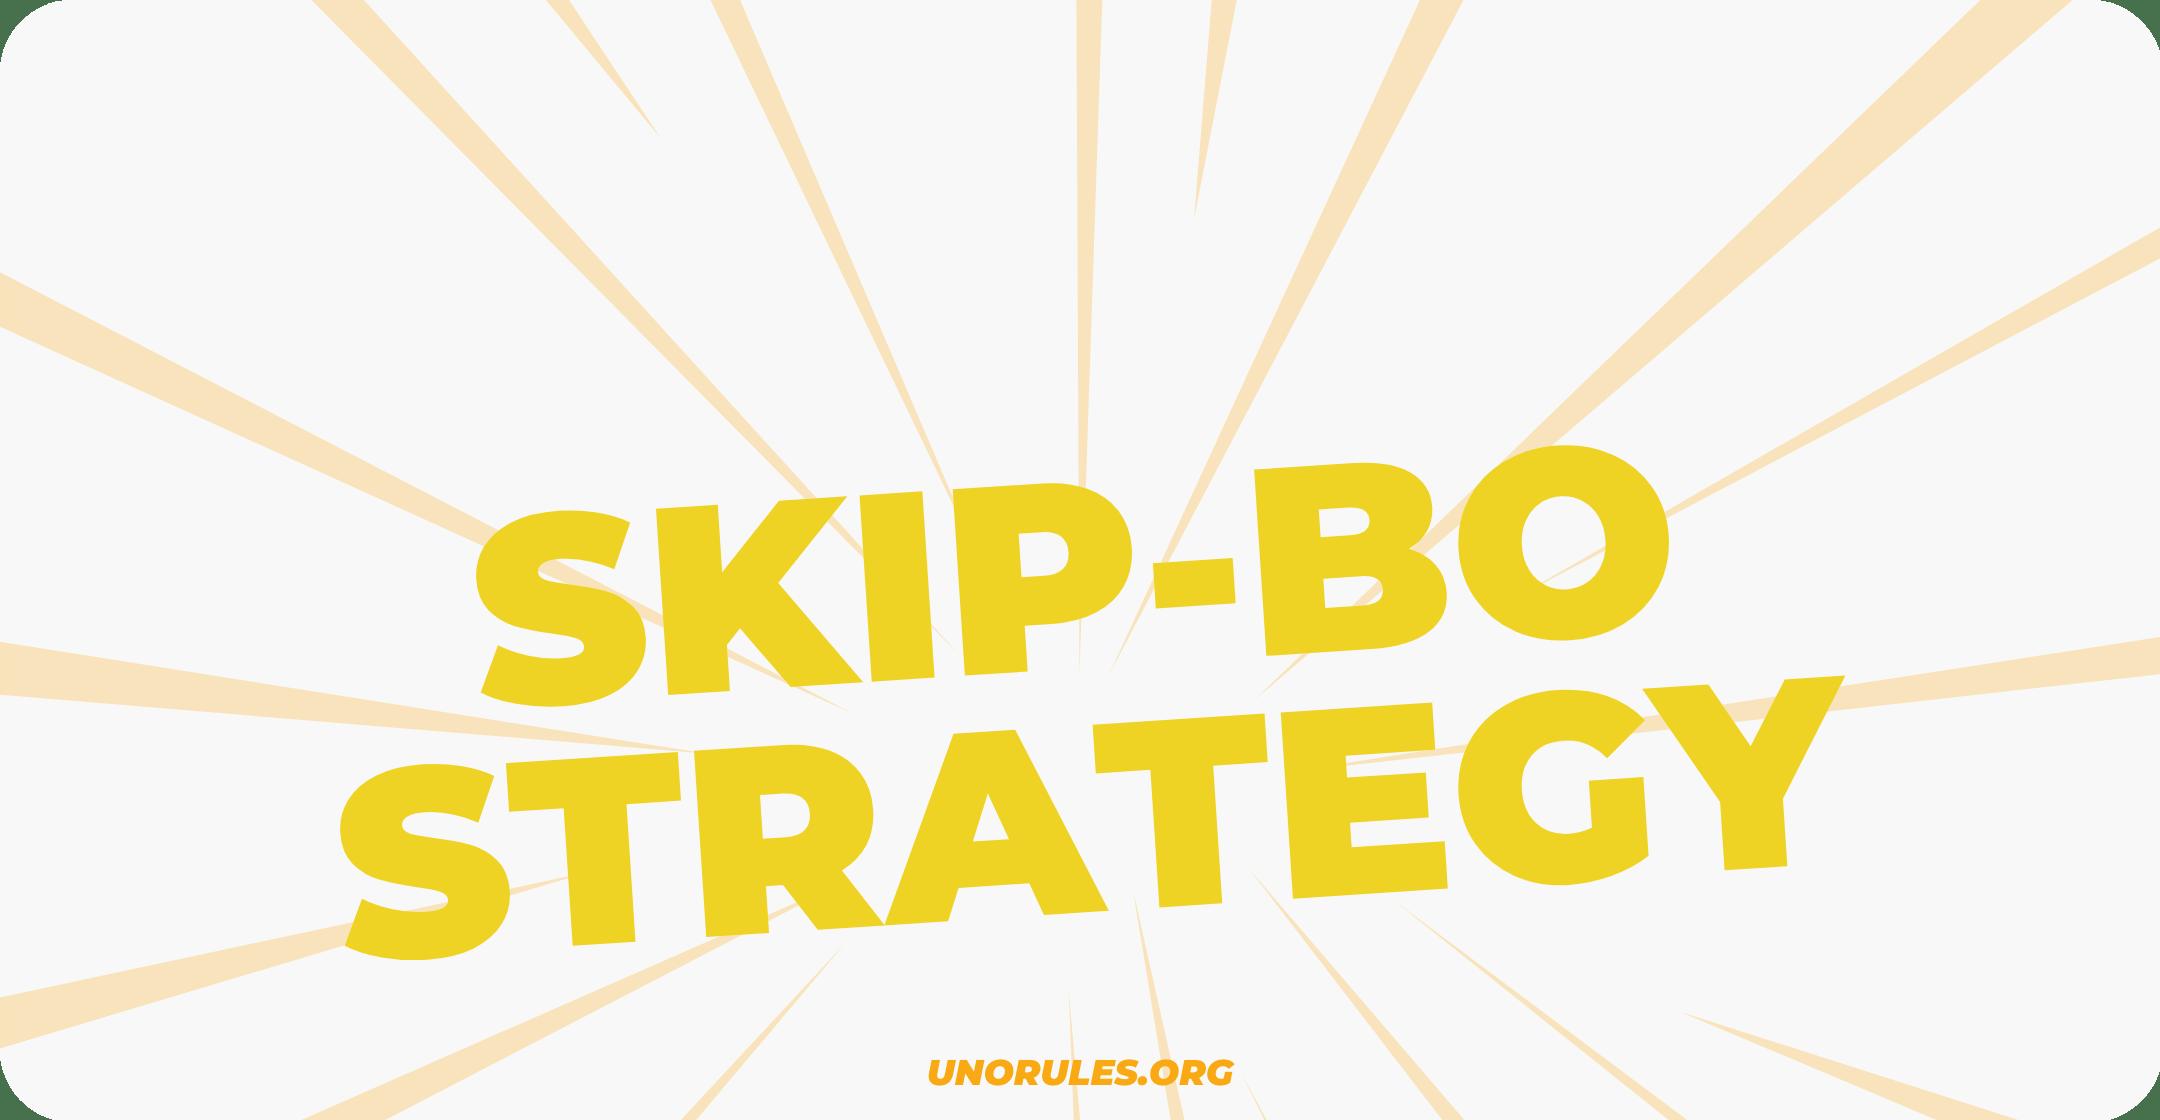 Skip-Bo strategy